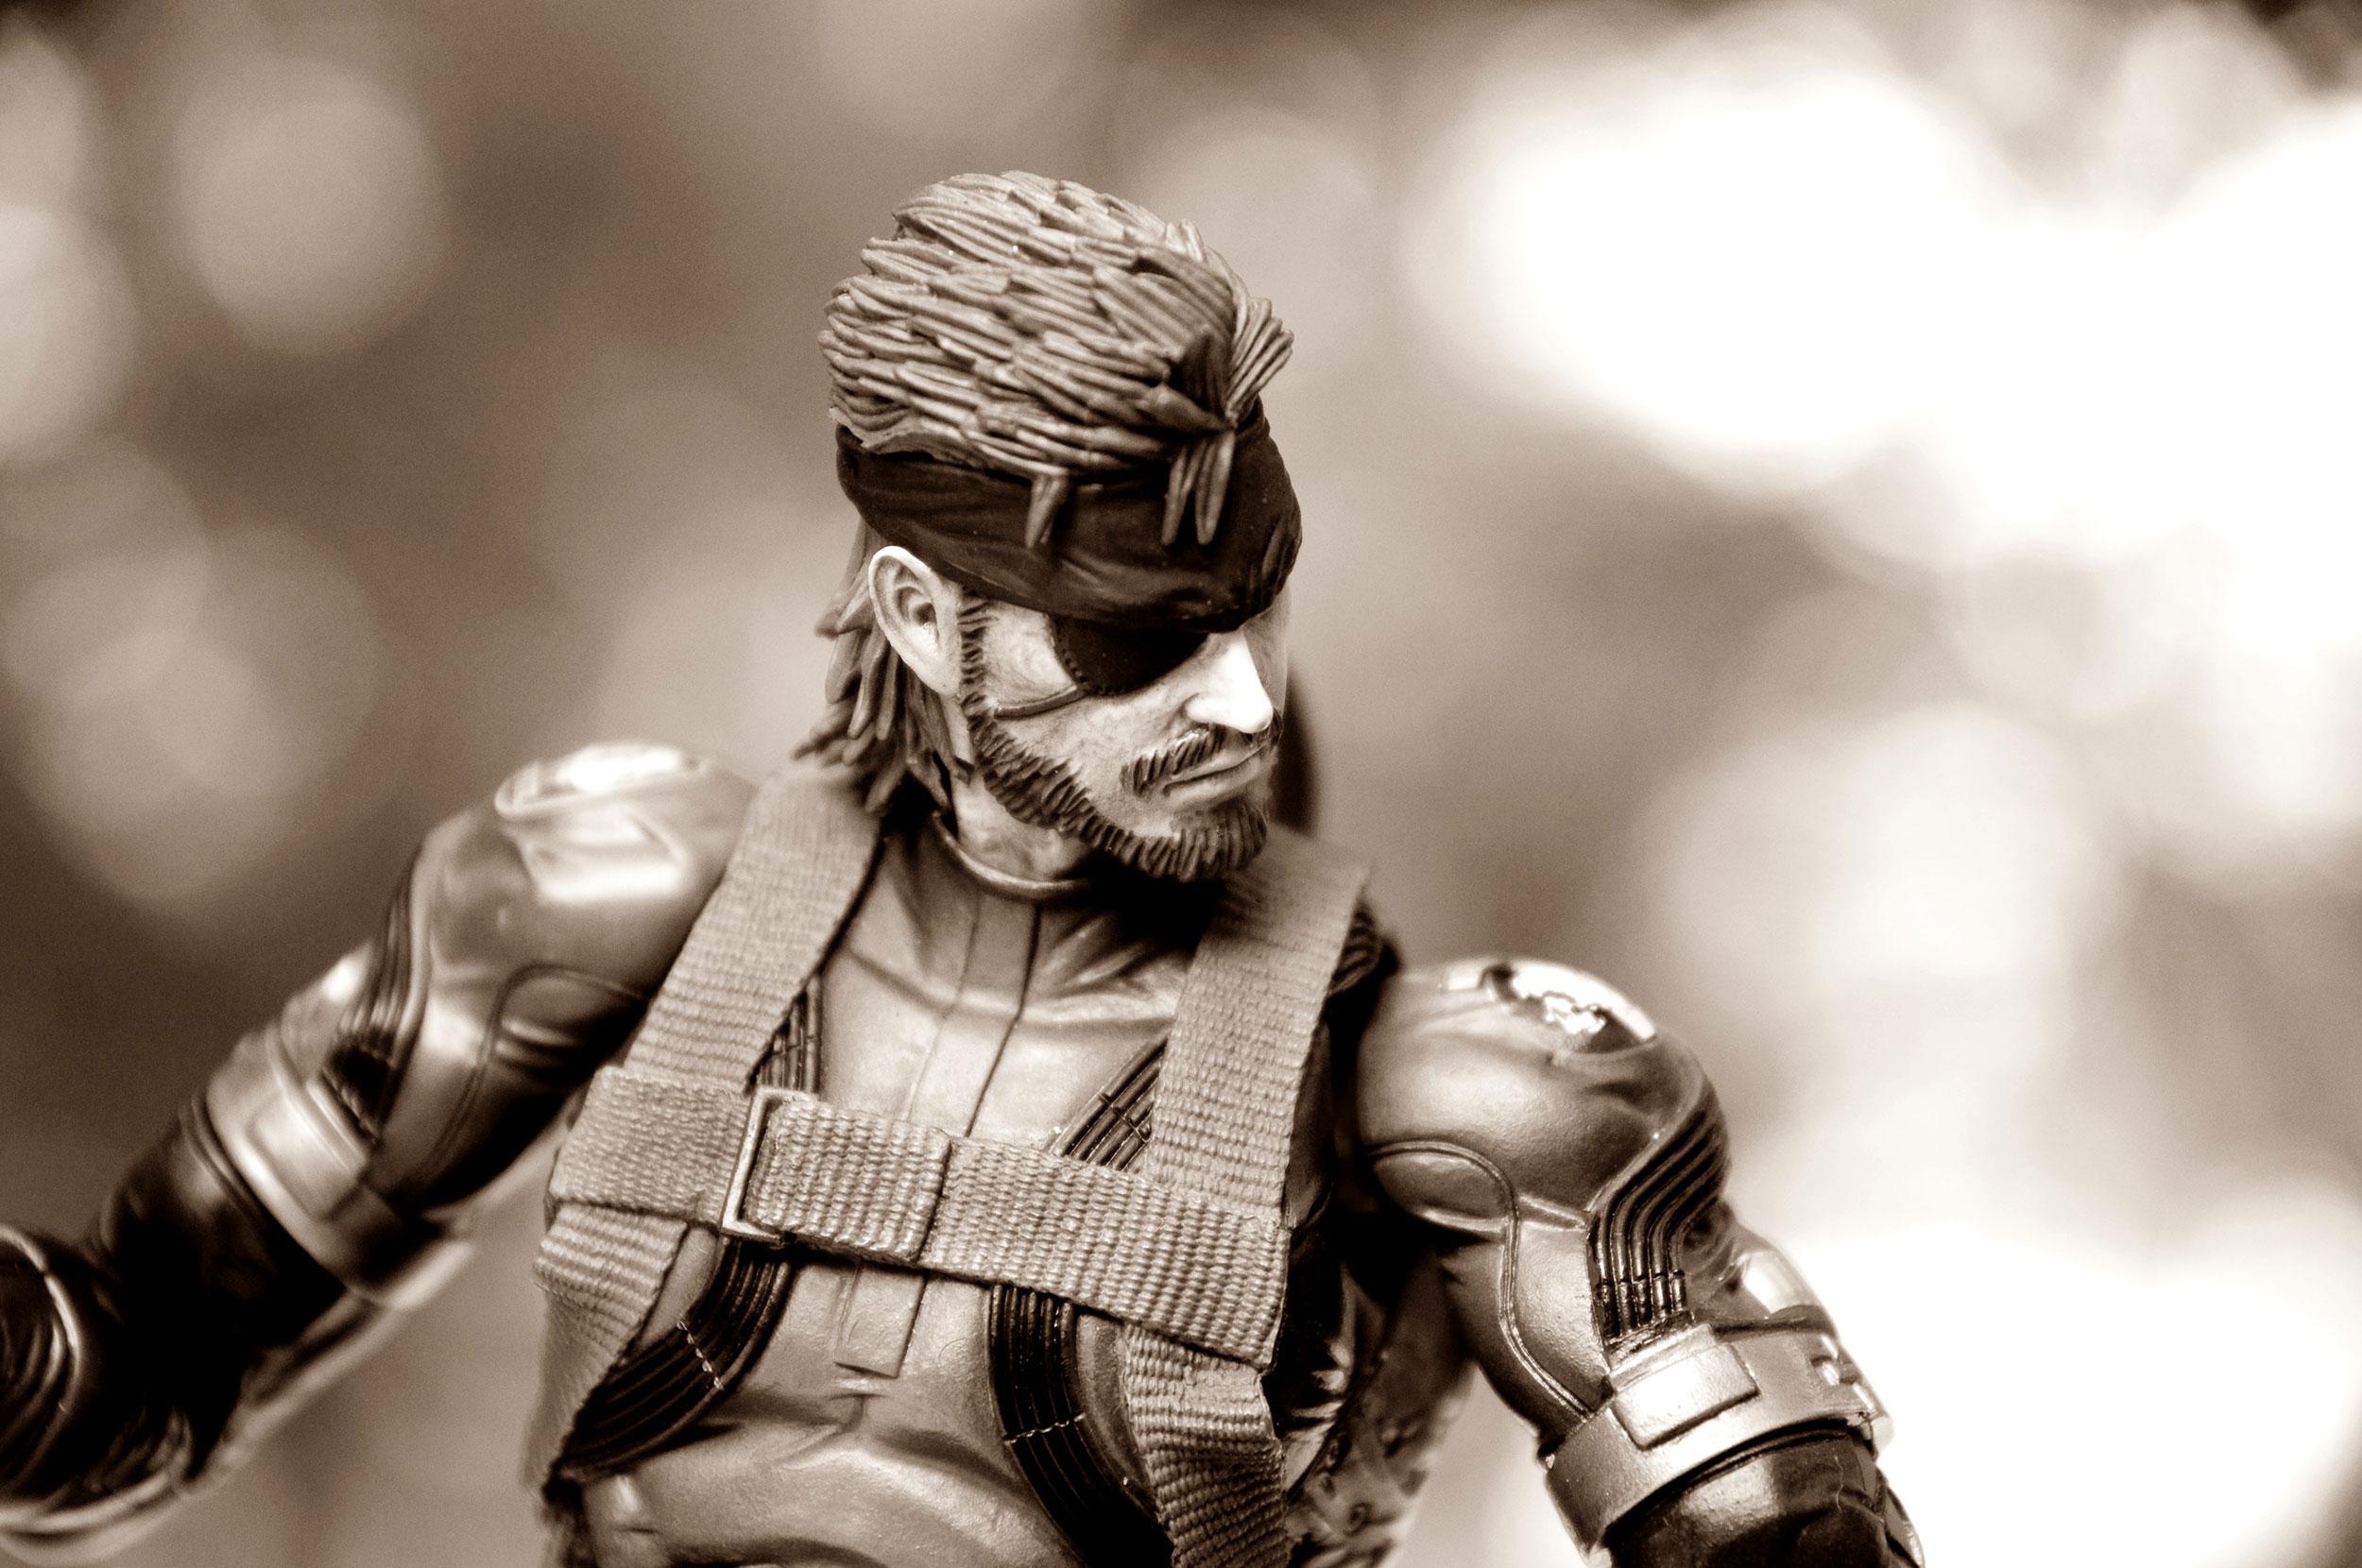 Metal Gear Big Boss